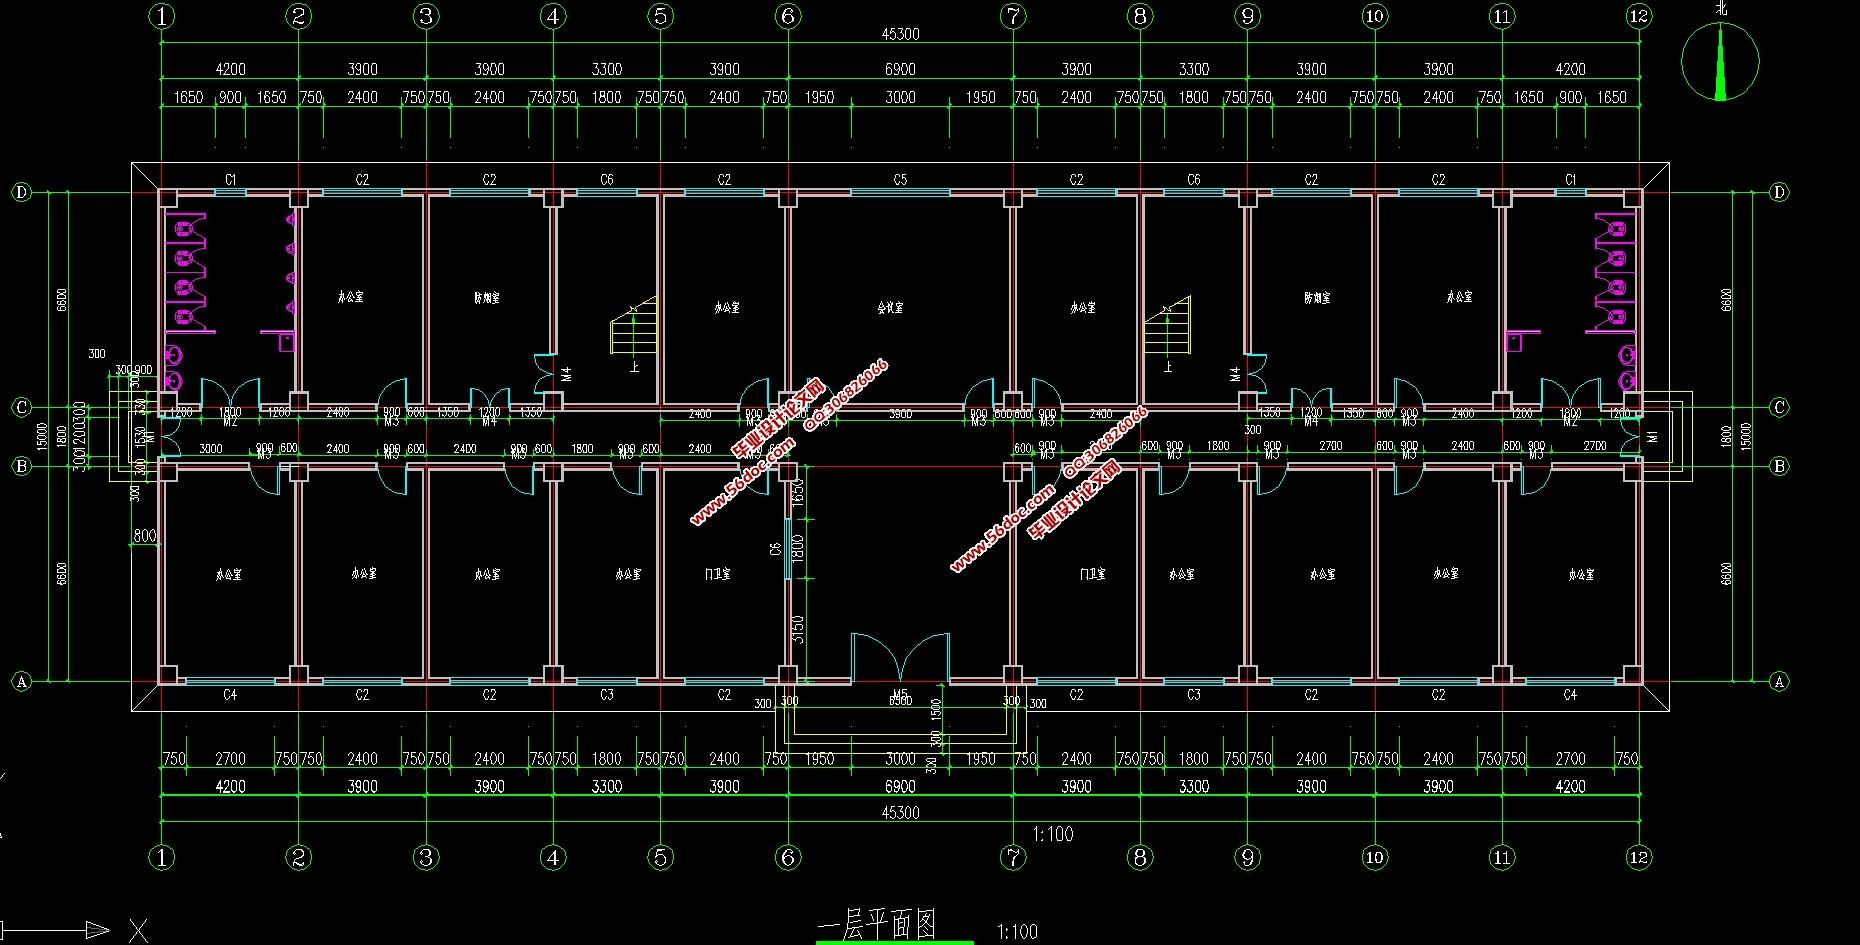 图6张,结构图9张) 江西江西某6层框架办公楼,位于有密集建筑群市区,该工程为钢筋混凝土框架结构,总建筑面积4164.0,地上六层,一层层高3.60m,二层层高3.60m,其余各层层高3.60m,总建筑高度28.80m。 施工现场情况 本建筑两侧临近公路,交通方便,实现了三通一平。施工场地相对宽敞,有利于机械的布置和材料周转、施工材料的堆放,施工难度相对较小。 水文、地质条件、气象情况 气象条件 施工期间正适春夏两季,主导风向为南风、西南风,雨季为七、八月,施工期可能需要考虑冬季施工。 地质条件